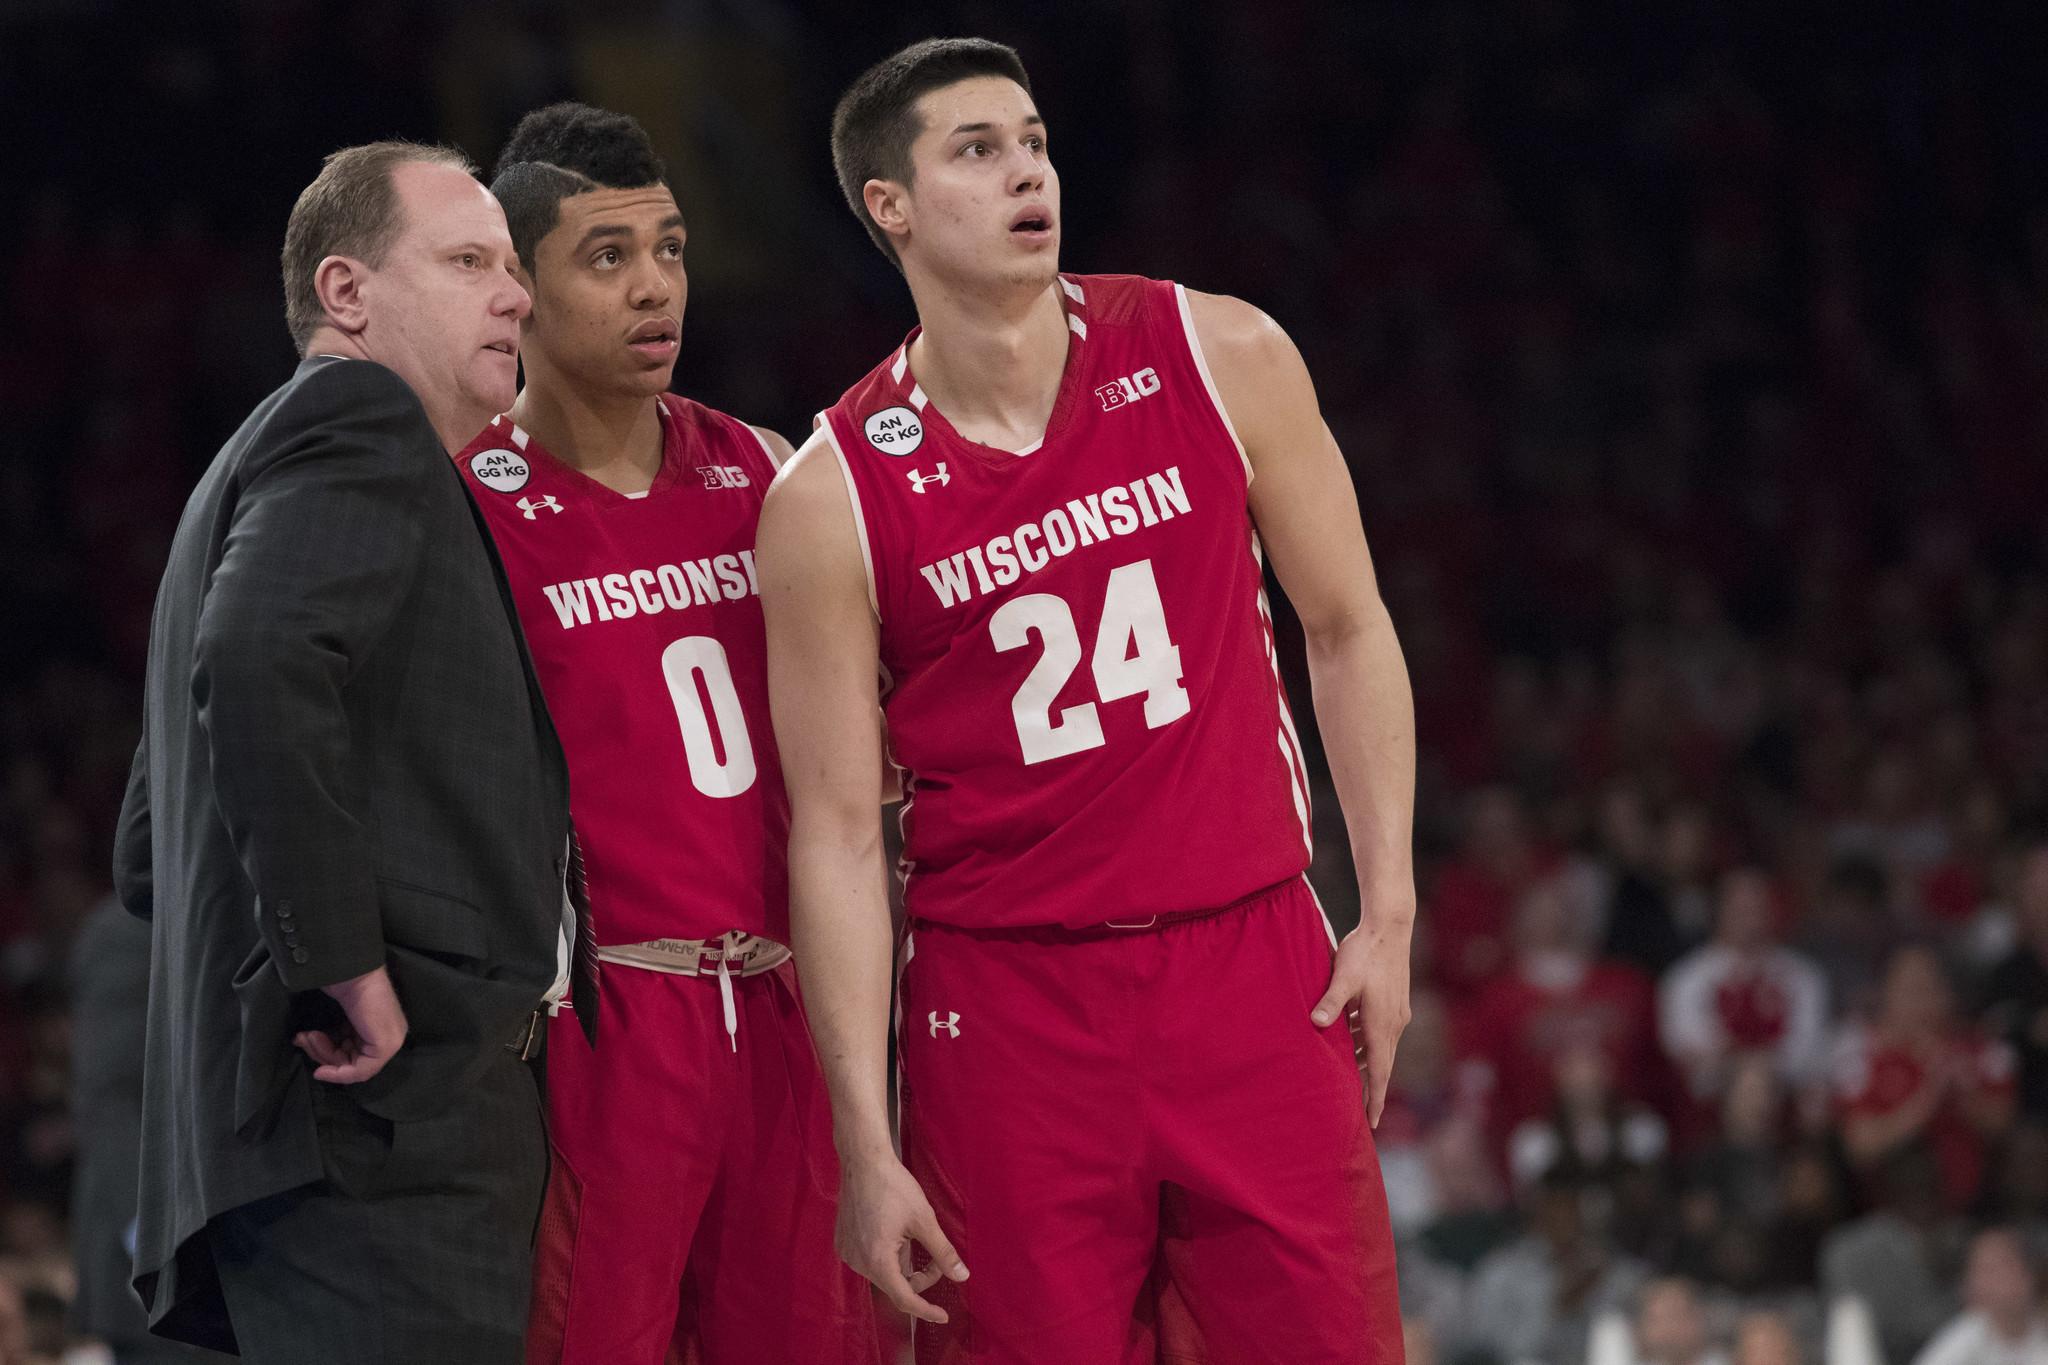 No Big Ten team among top 16 in preliminary NCAA tournament seeding